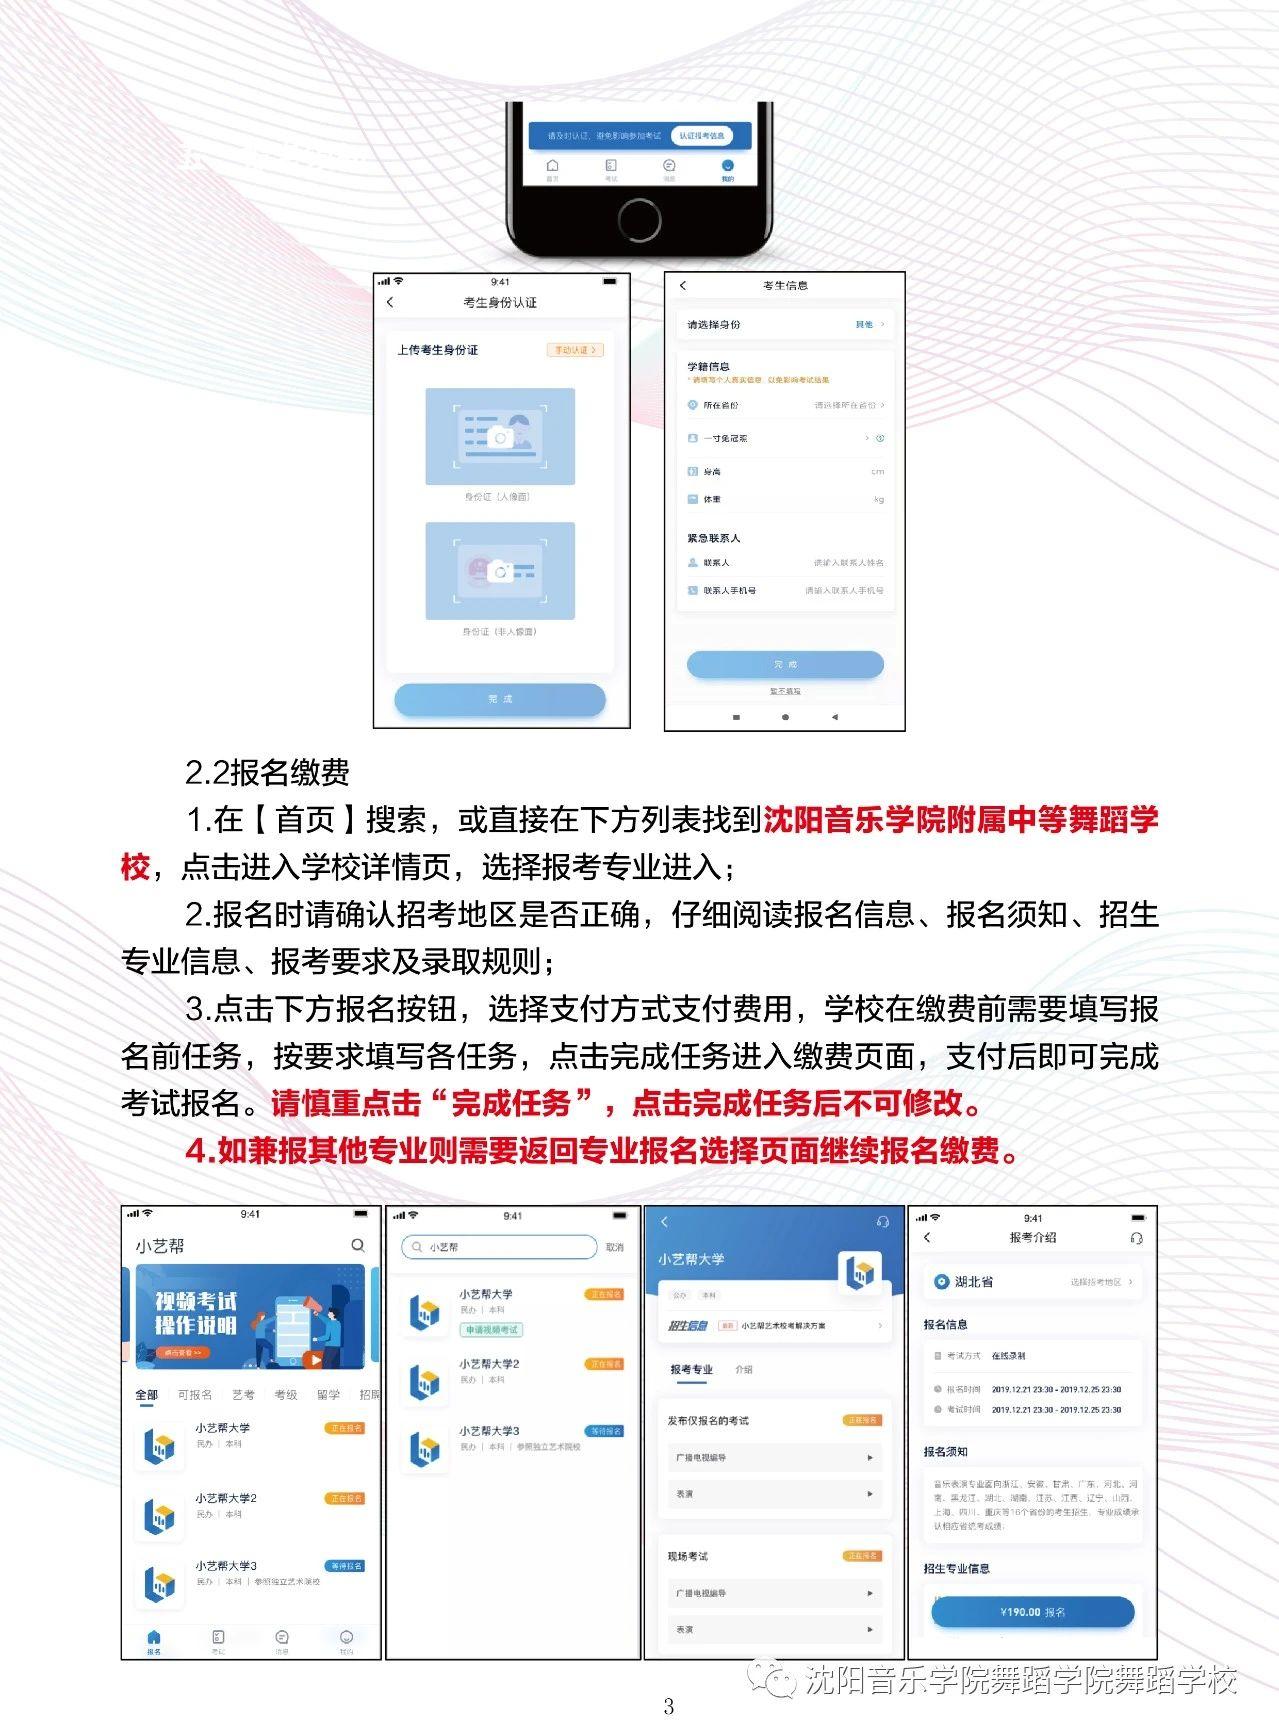 2021年沈阳音乐学院附属中等舞蹈学校招生考试小艺帮APP2.0版本用户操作手册